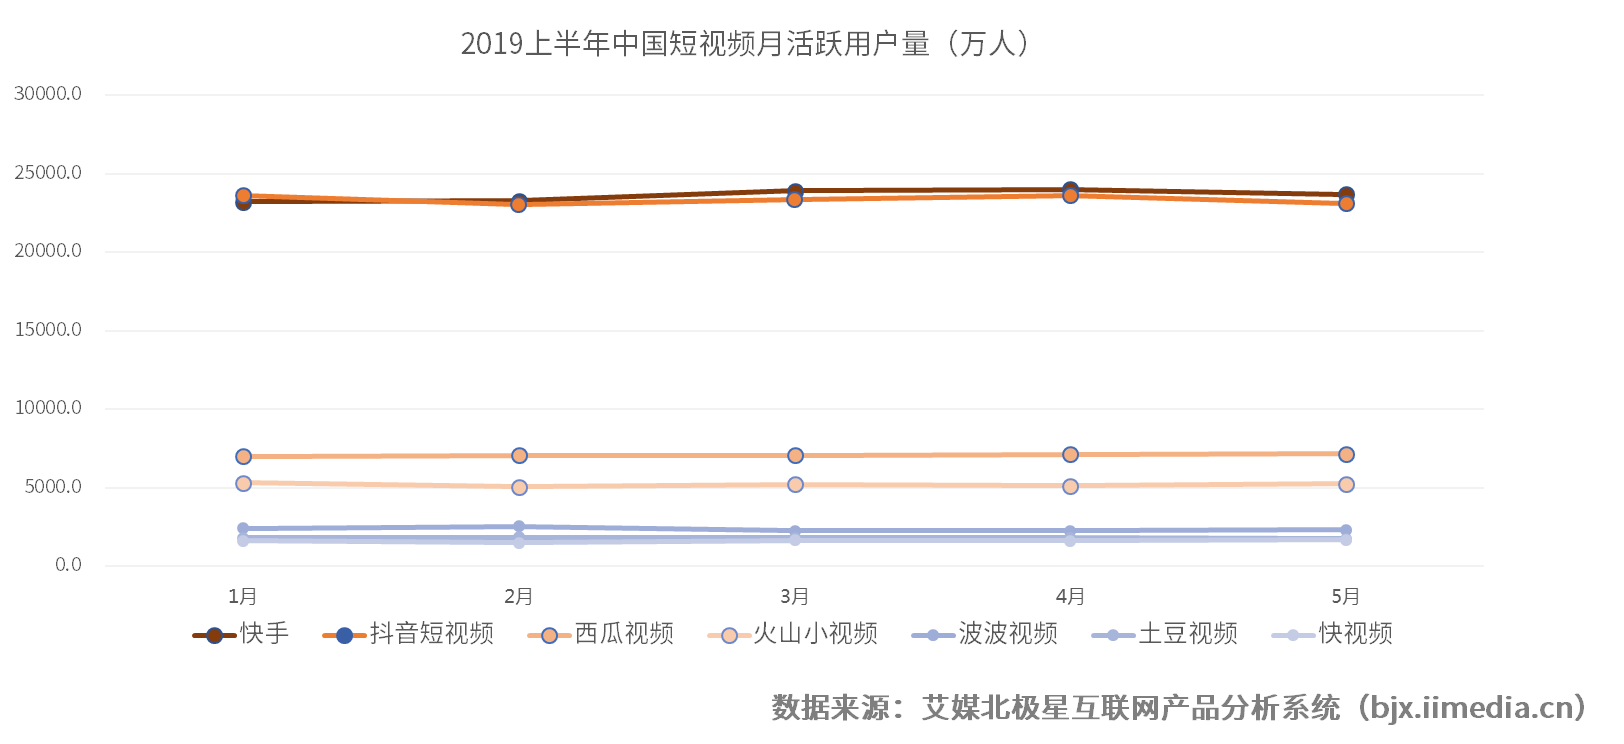 2019上半年中国短视频月活跃用户量